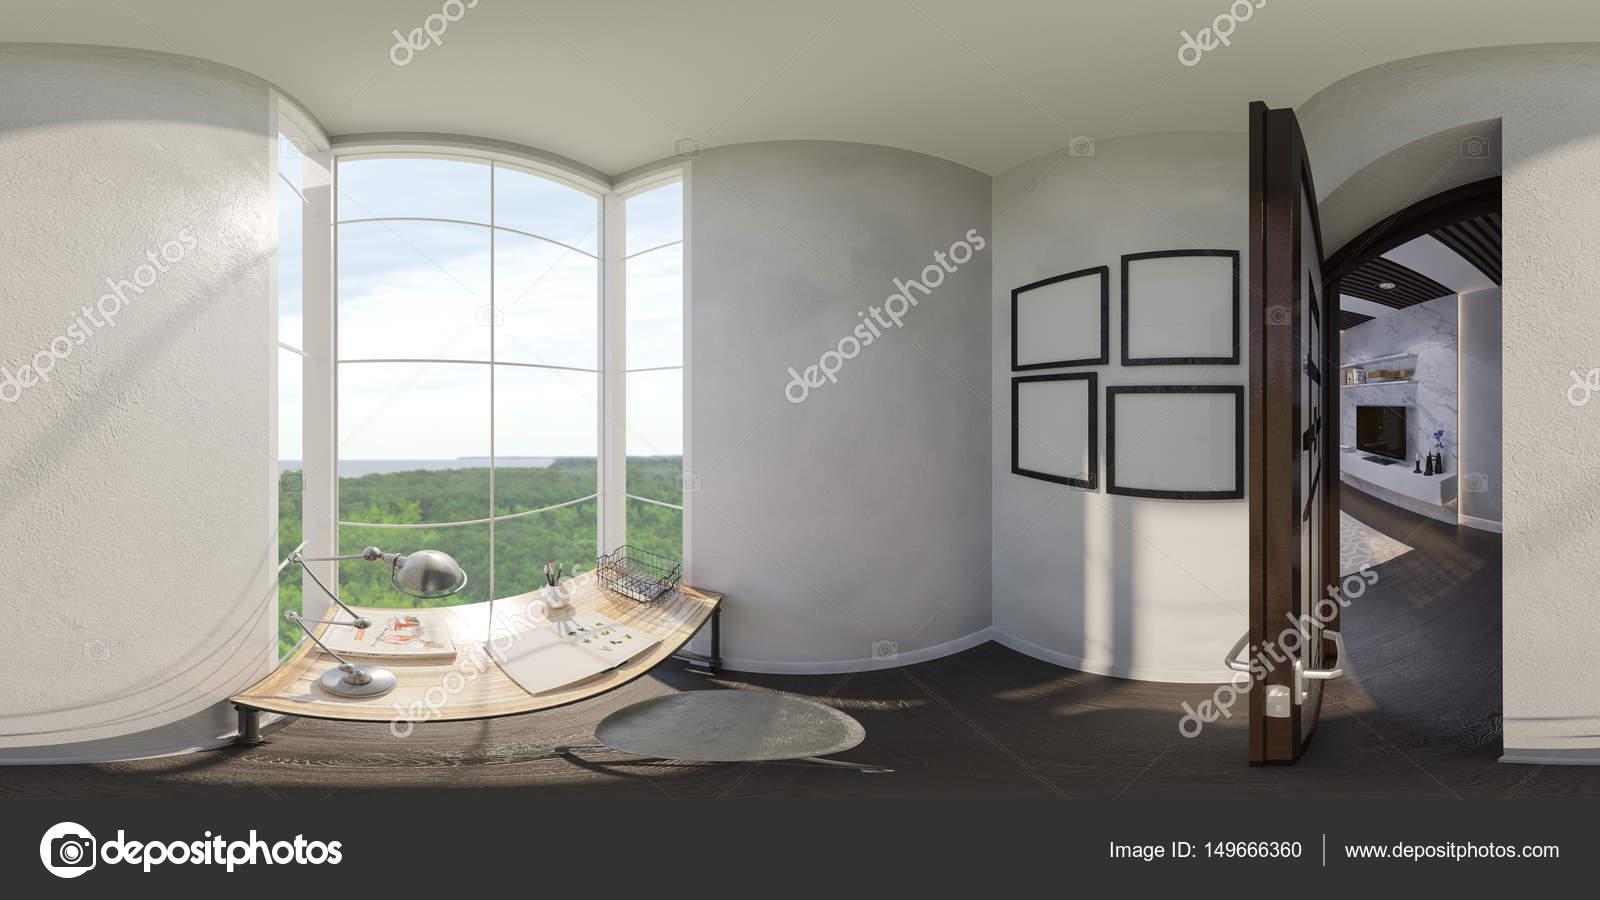 Illustration 3D De Lu0027aménagement Intérieur De La Maison Petit Bureau. Le  Style De Lu0027appartement Est Modern Dans Les Couleurs Gris Et Blancs.